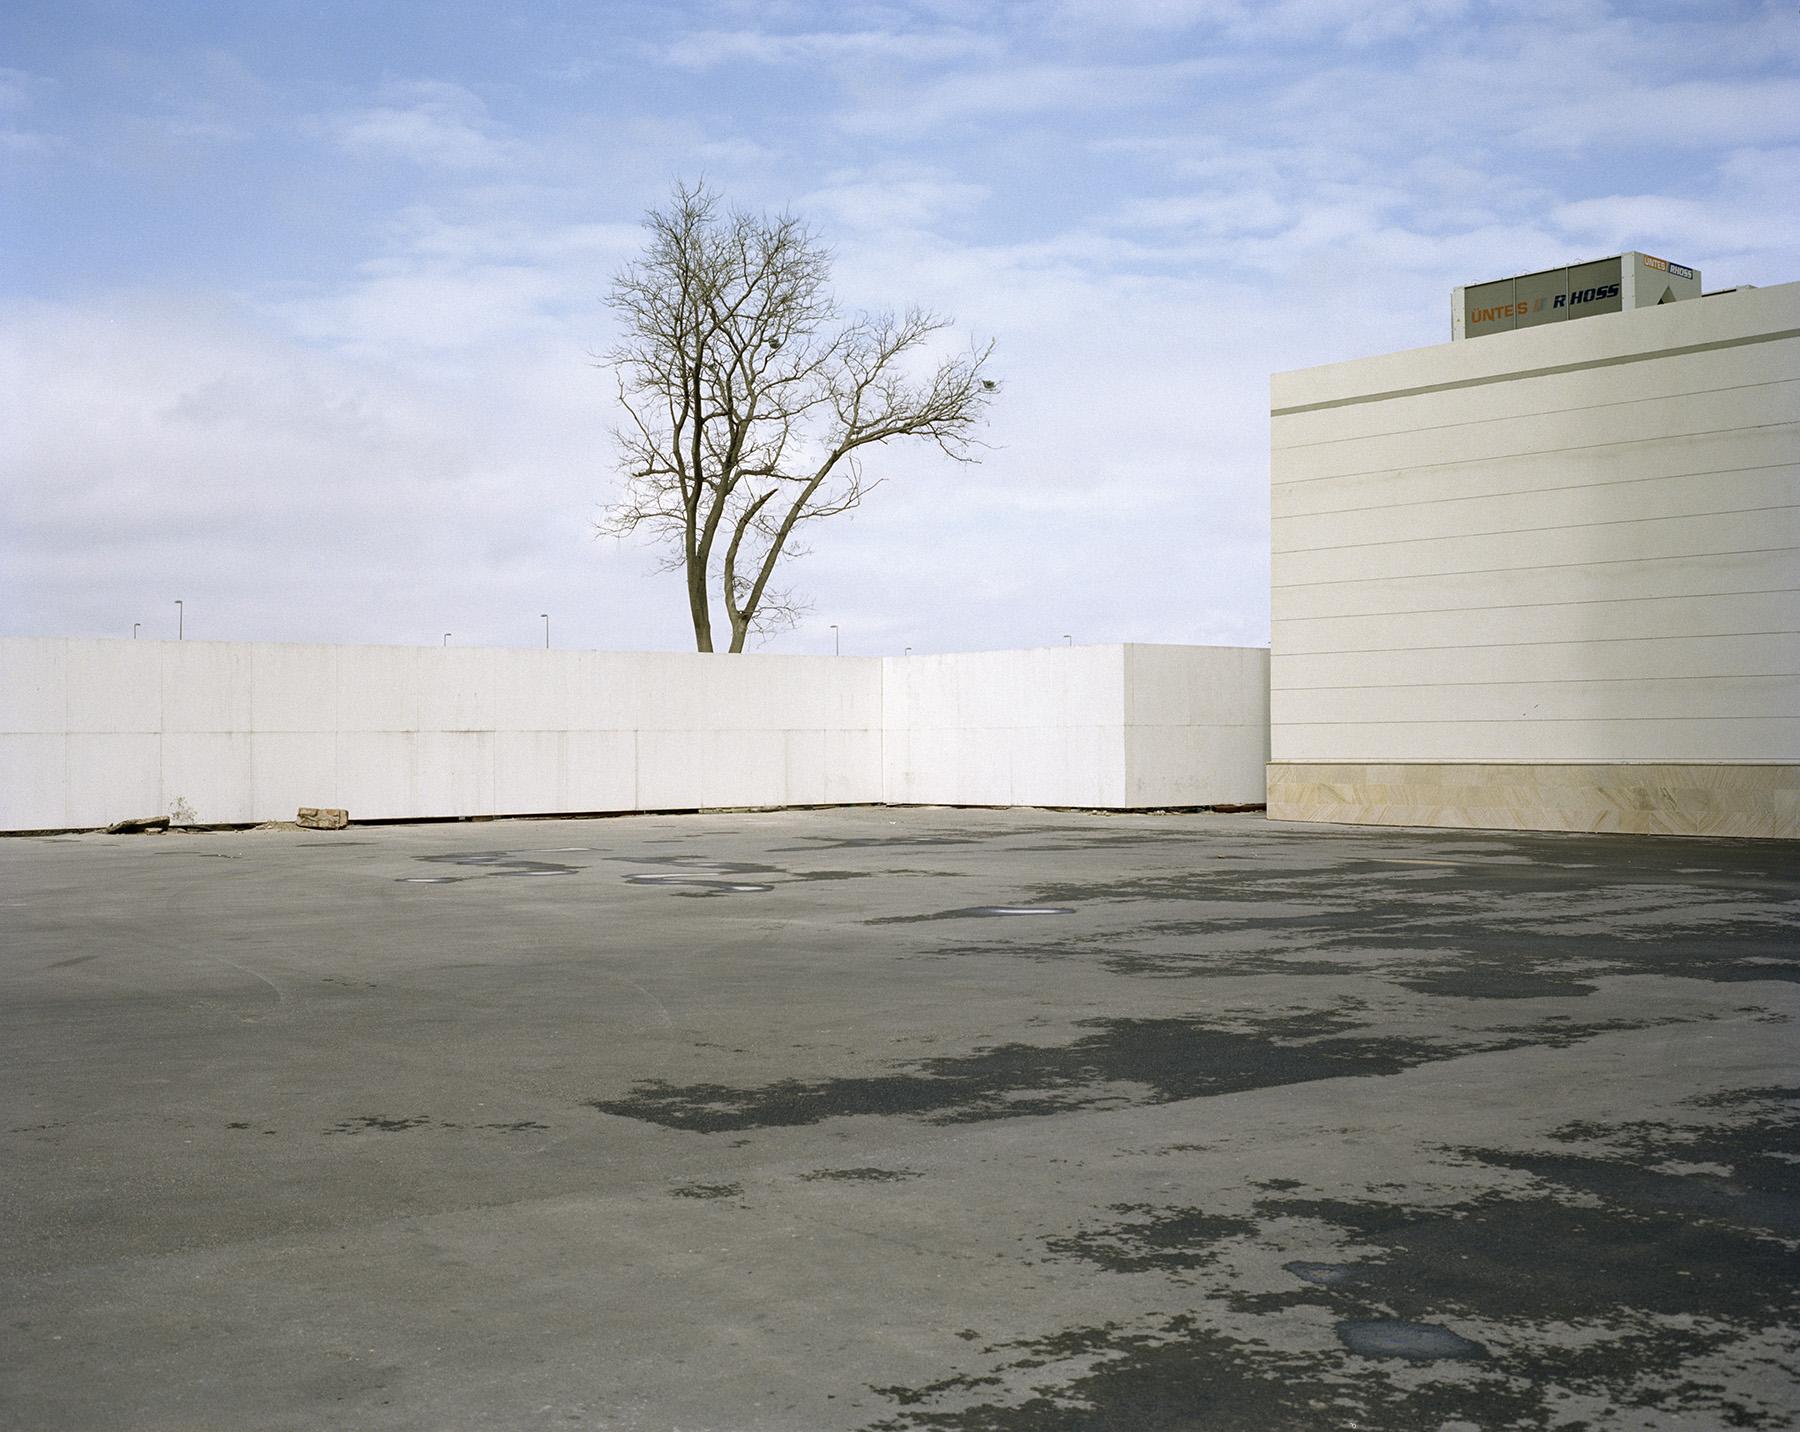 2015 год: Одинокое дерево проглядывает из-за пластиковой ограды — район Кероглу, северо-восток Баку.